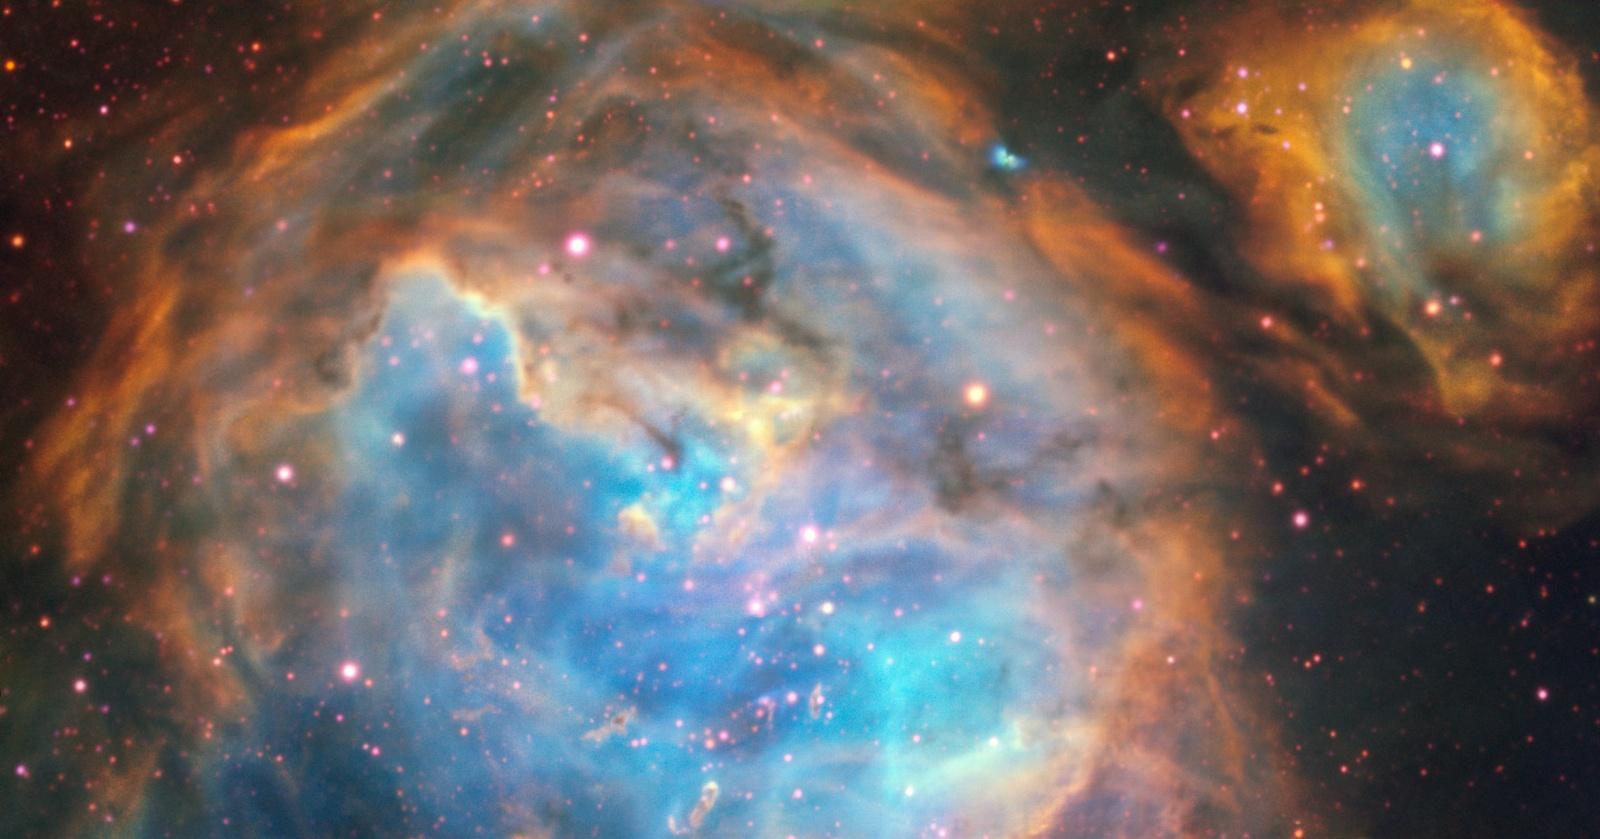 Джет от молодой звезды в соседней галактике: уникальный снимок